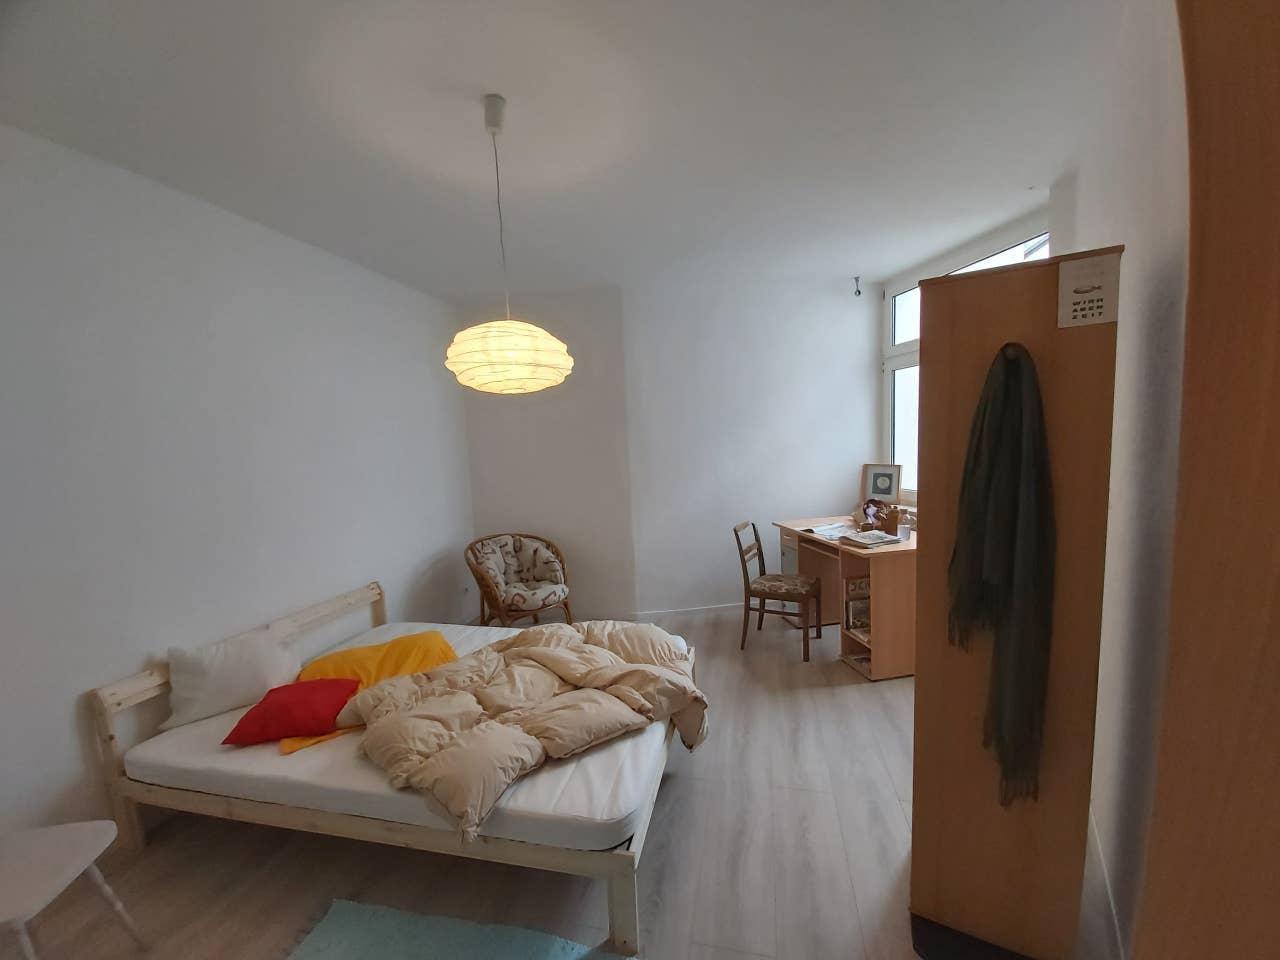 Apartment Orrylium, Blanc & Retro